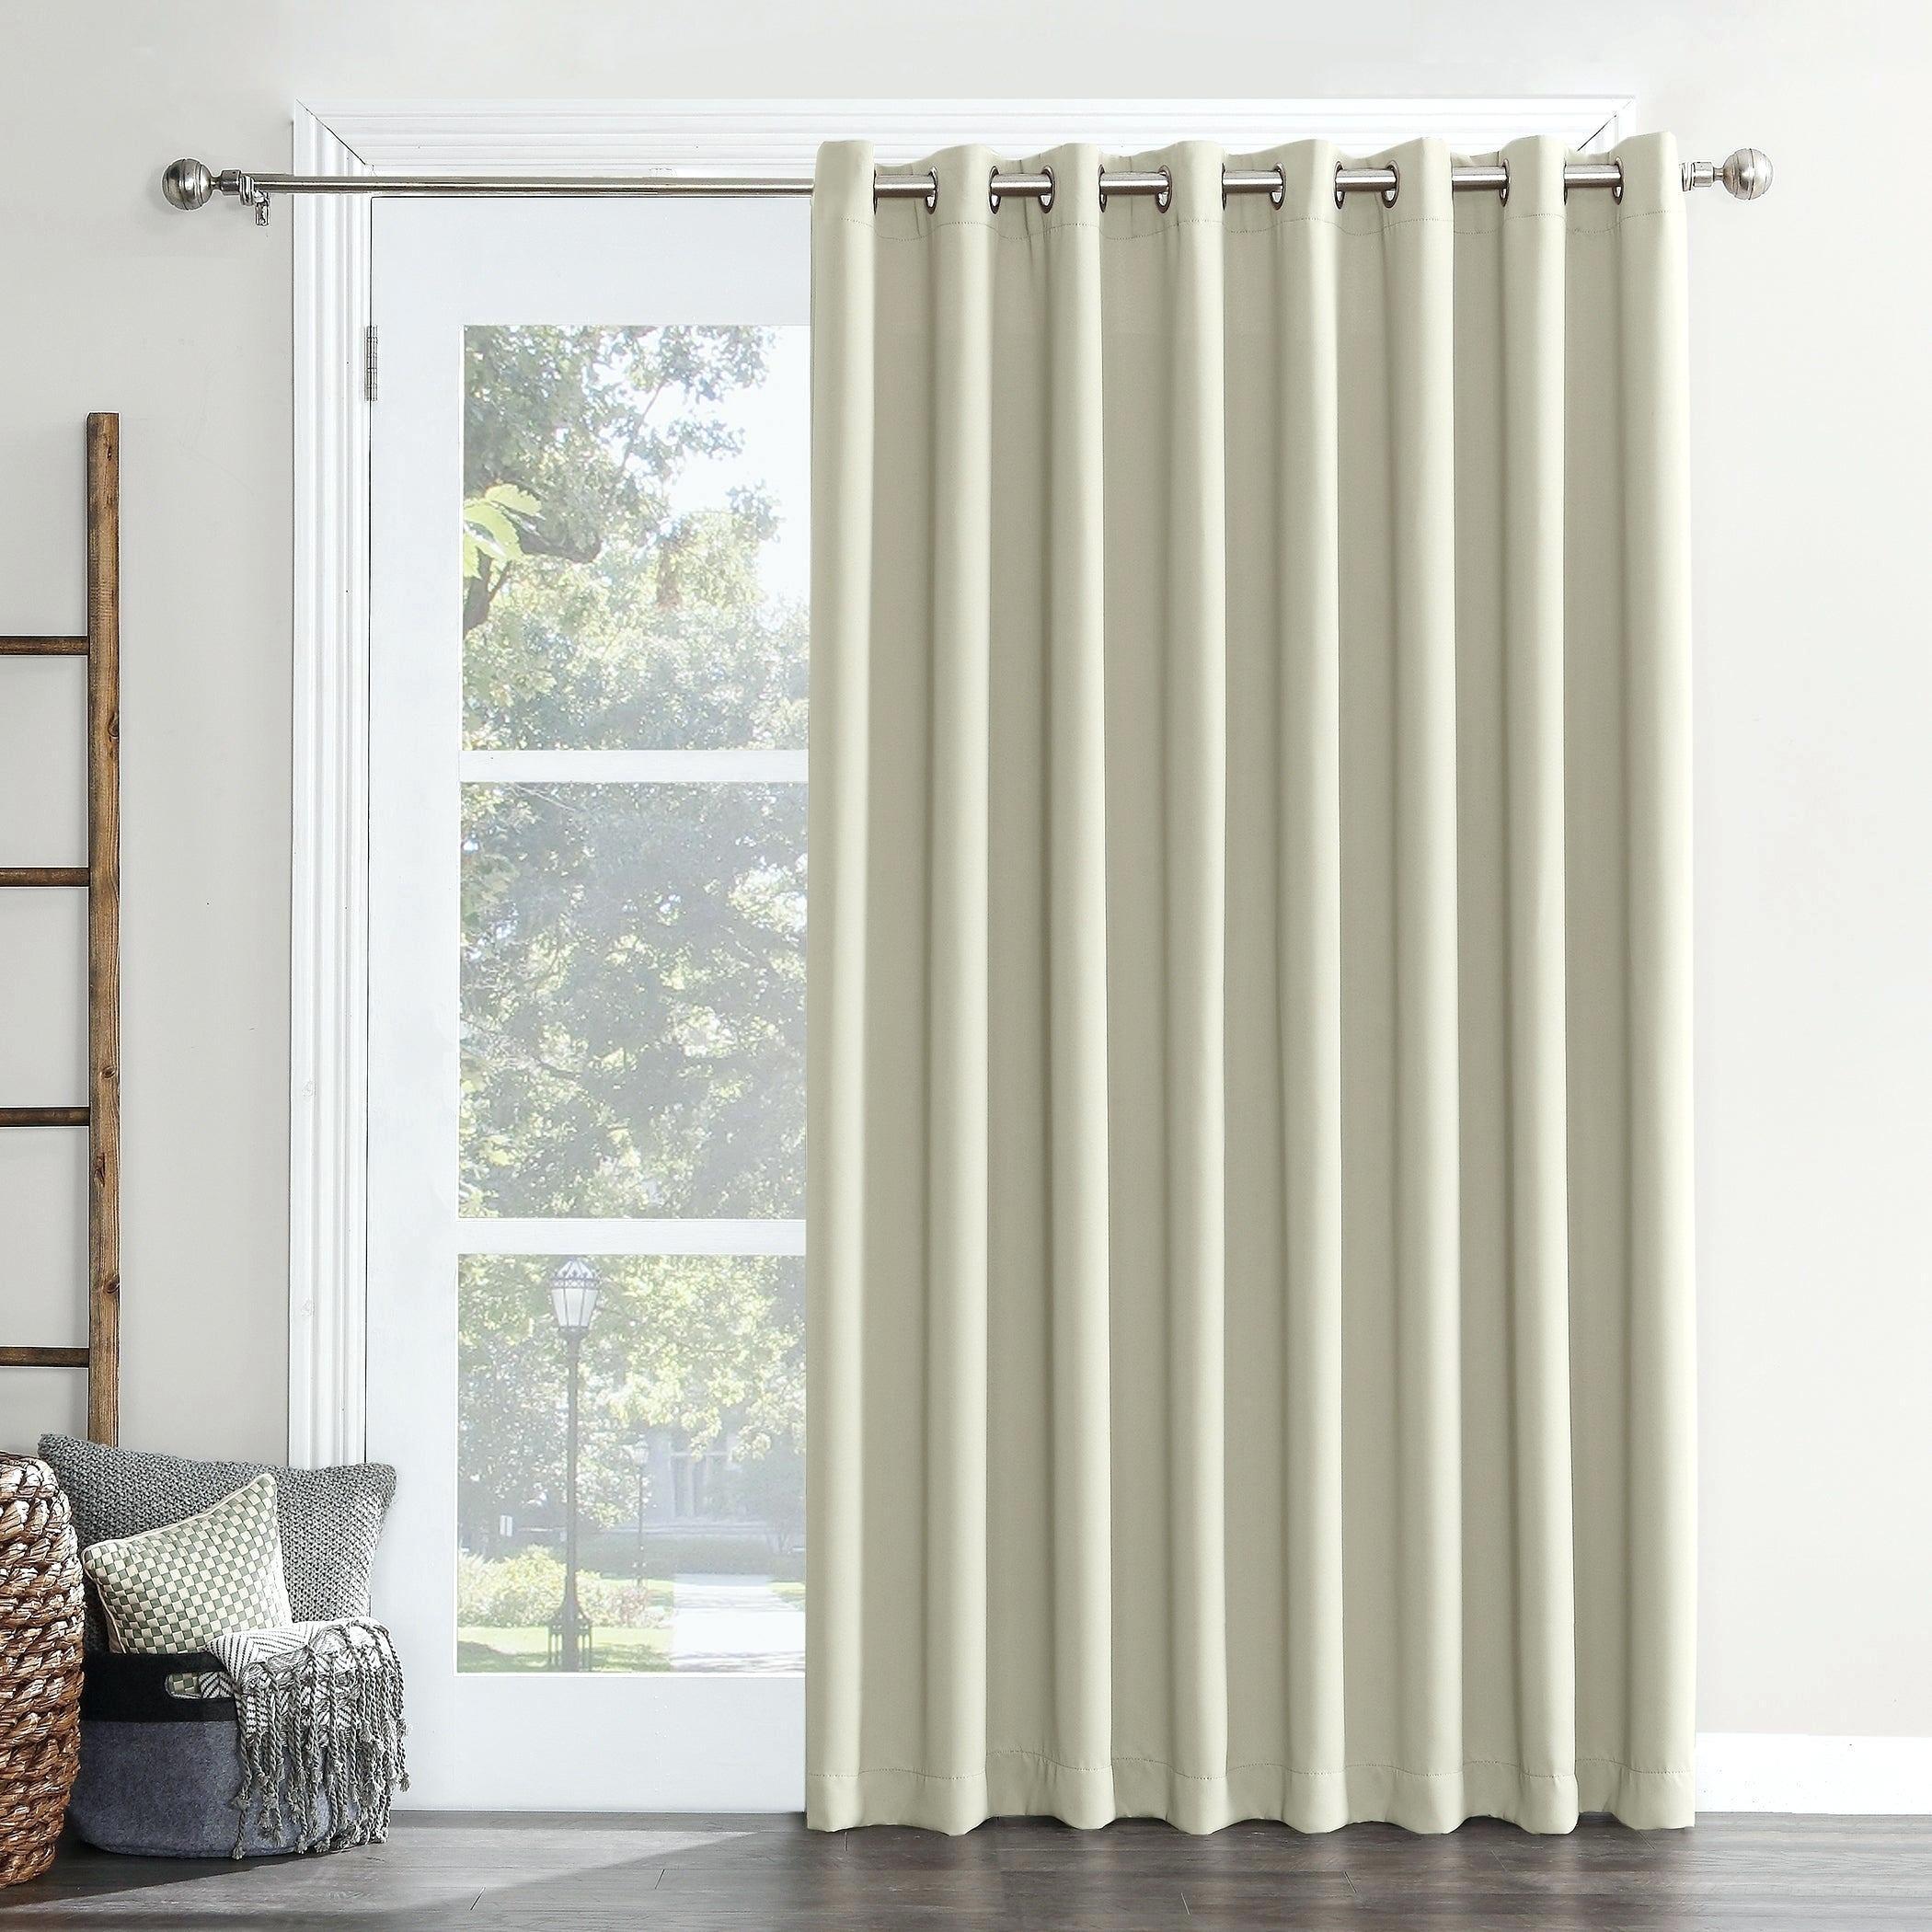 Sun Zero Grommet Blackout Patio Door Window Curtain Panel Intended For Grommet Blackout Patio Door Window Curtain Panels (View 6 of 20)